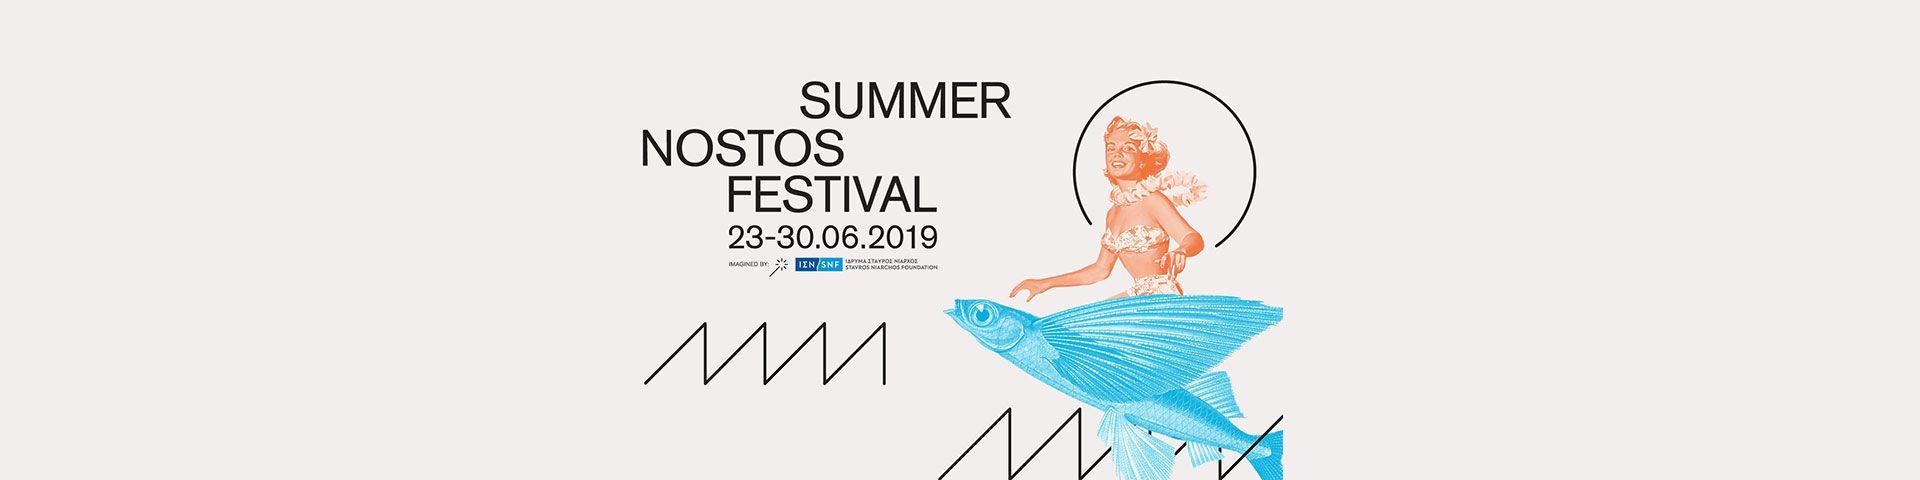 Πρόγραμμα SNFestival 2019 - Εικόνα